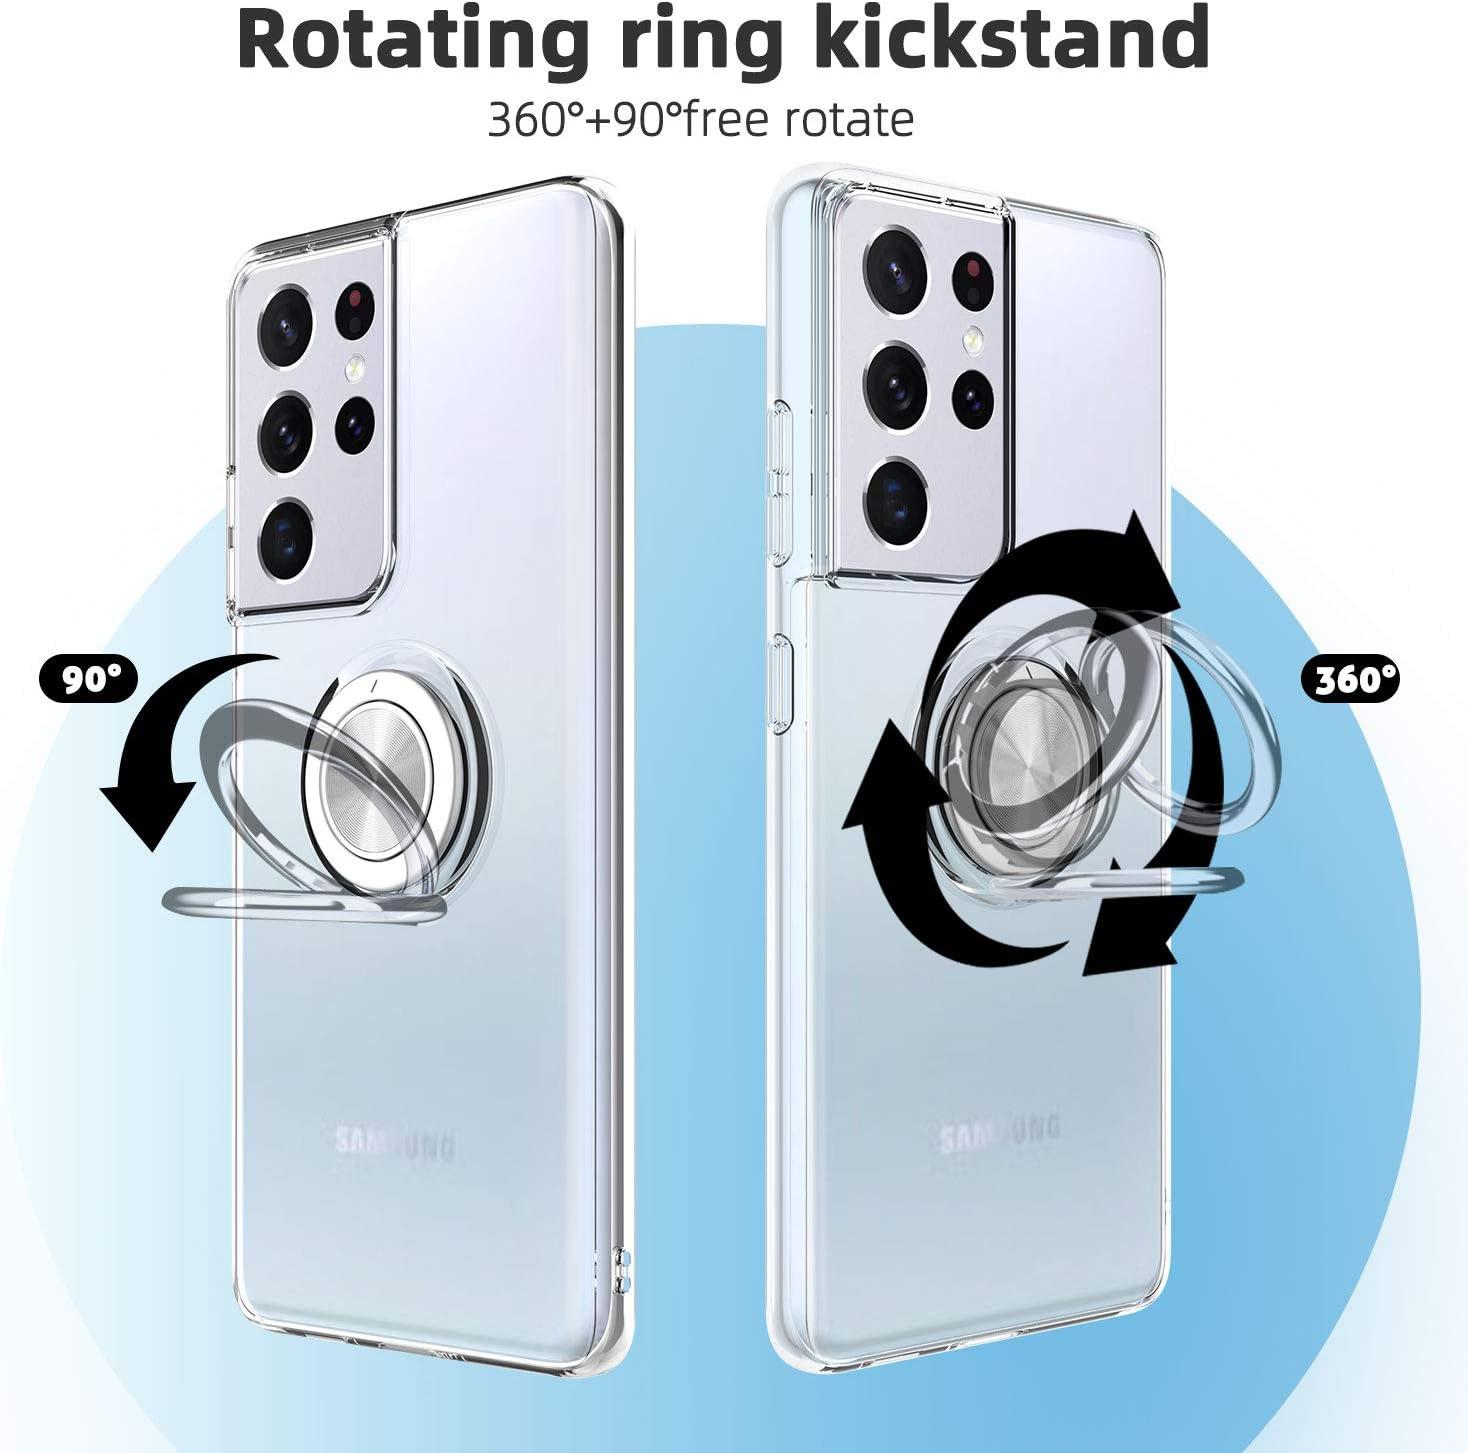 6,7 Pulgadas Cobertura Completa Funda para Samsung S21 Plus con Uno Suave TPU Transparente Gel Silicona Anti-ca/ída Protectora Carcasa para Samsung Galaxy S21 Plus 5G Protector de Pantalla